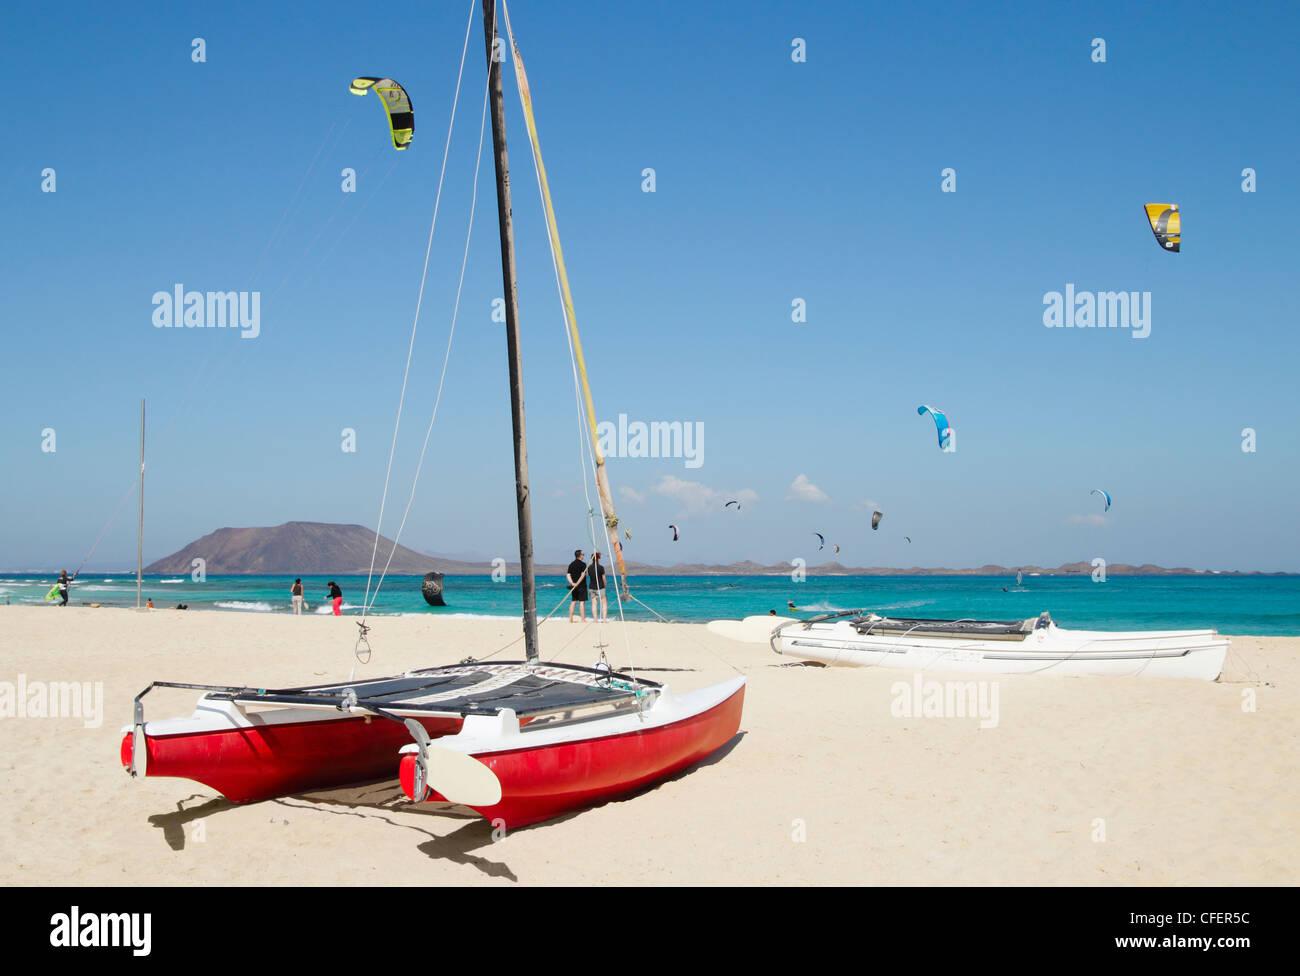 Kitesurfen von Flag Beach, Corralejo mit Lobos Insel im Hintergrund. Fuerteventura, Kanarische Inseln, Spanien Stockbild